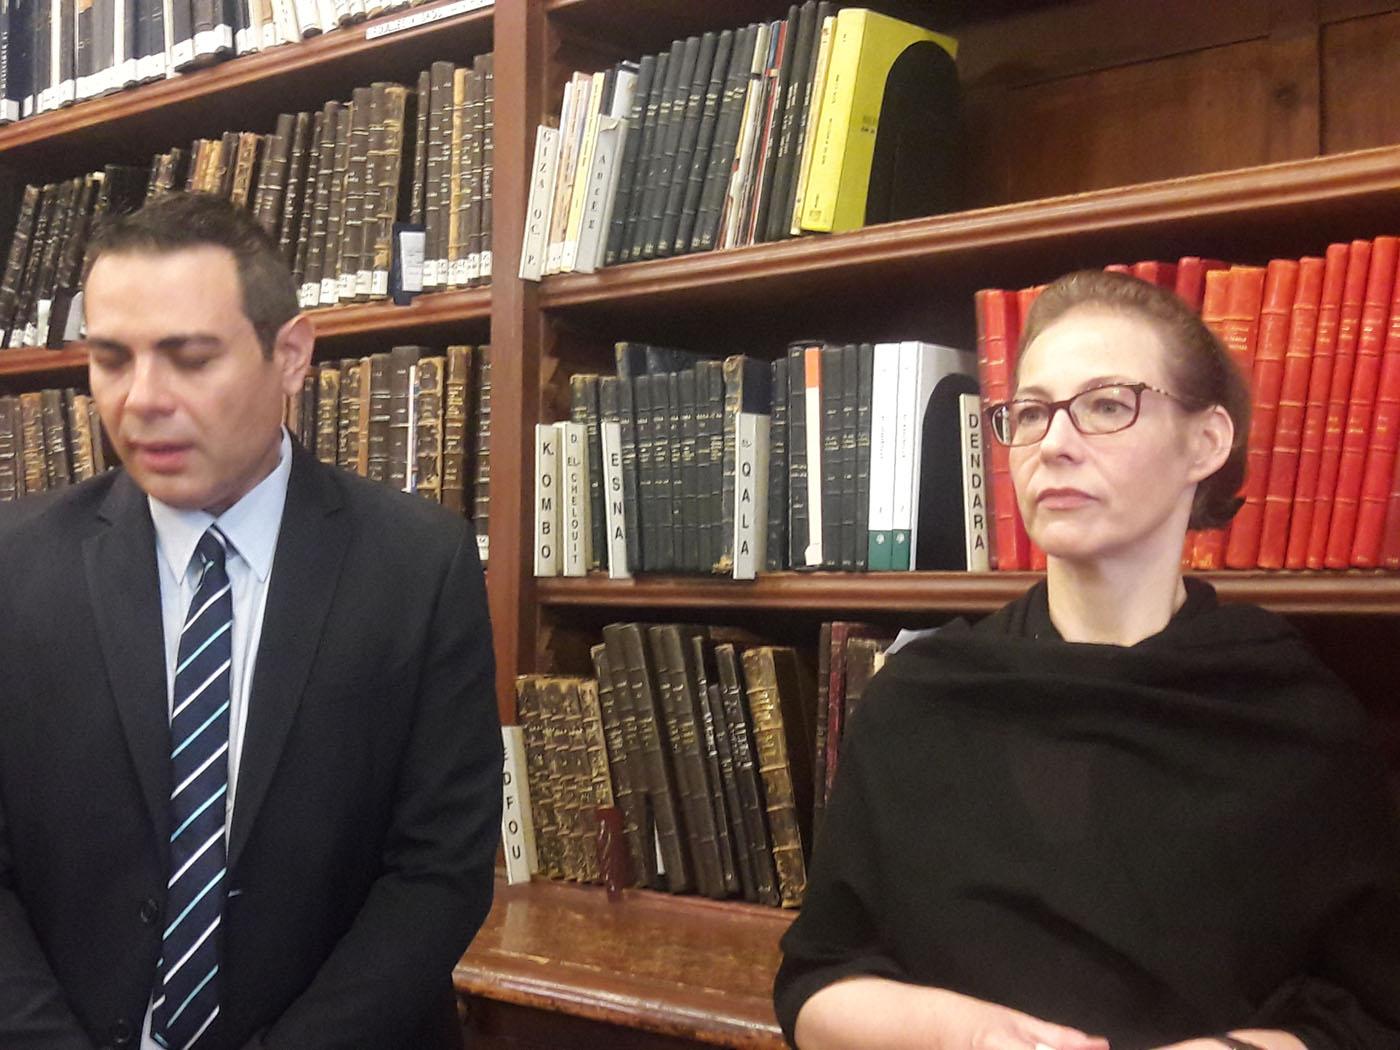 آنييس ماكان مديرة المكتبة بالمعهد الفرنسي للآثار الشرقية